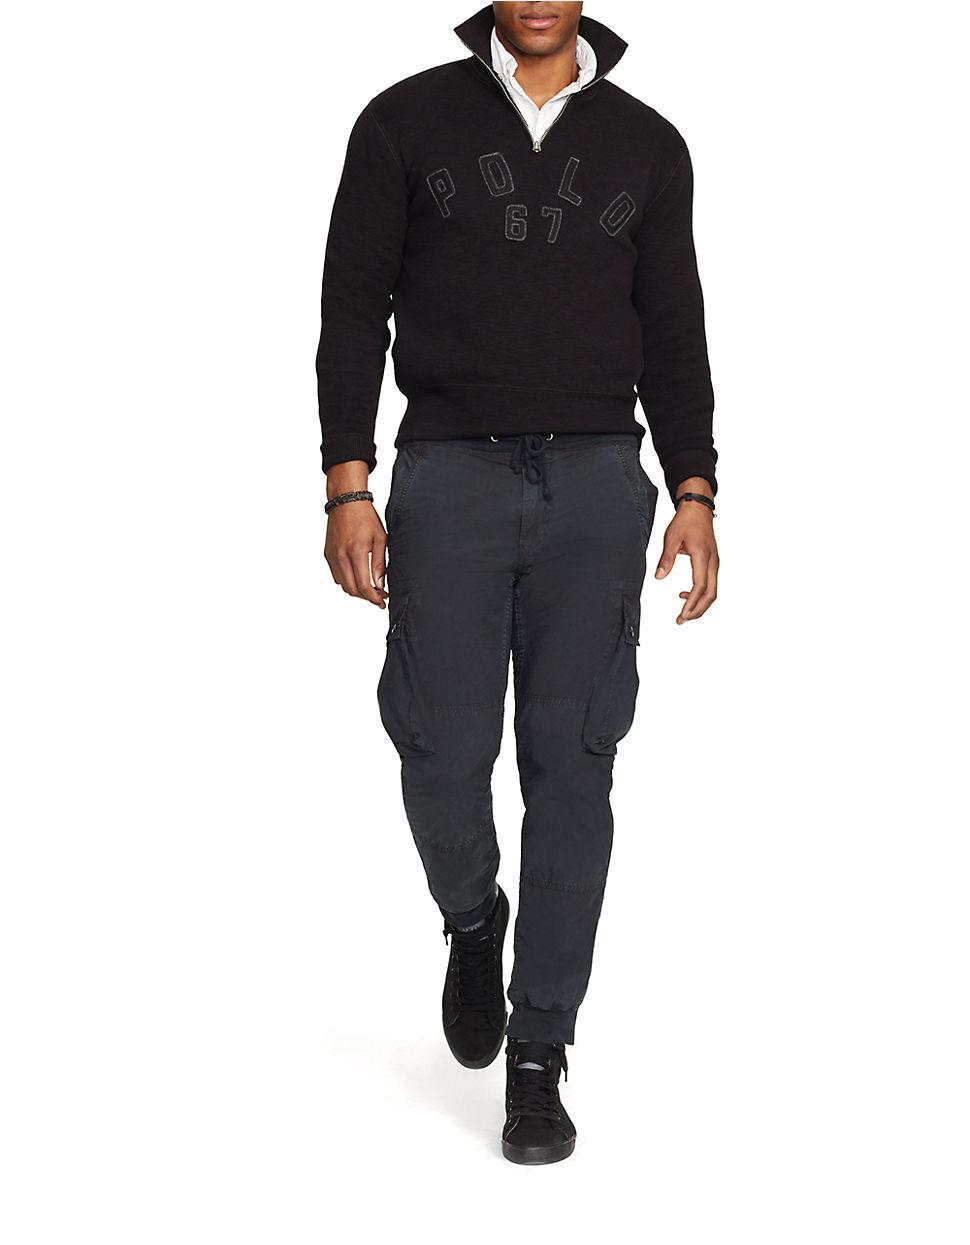 polo ralph lauren half zip mockneck pullover in black for. Black Bedroom Furniture Sets. Home Design Ideas